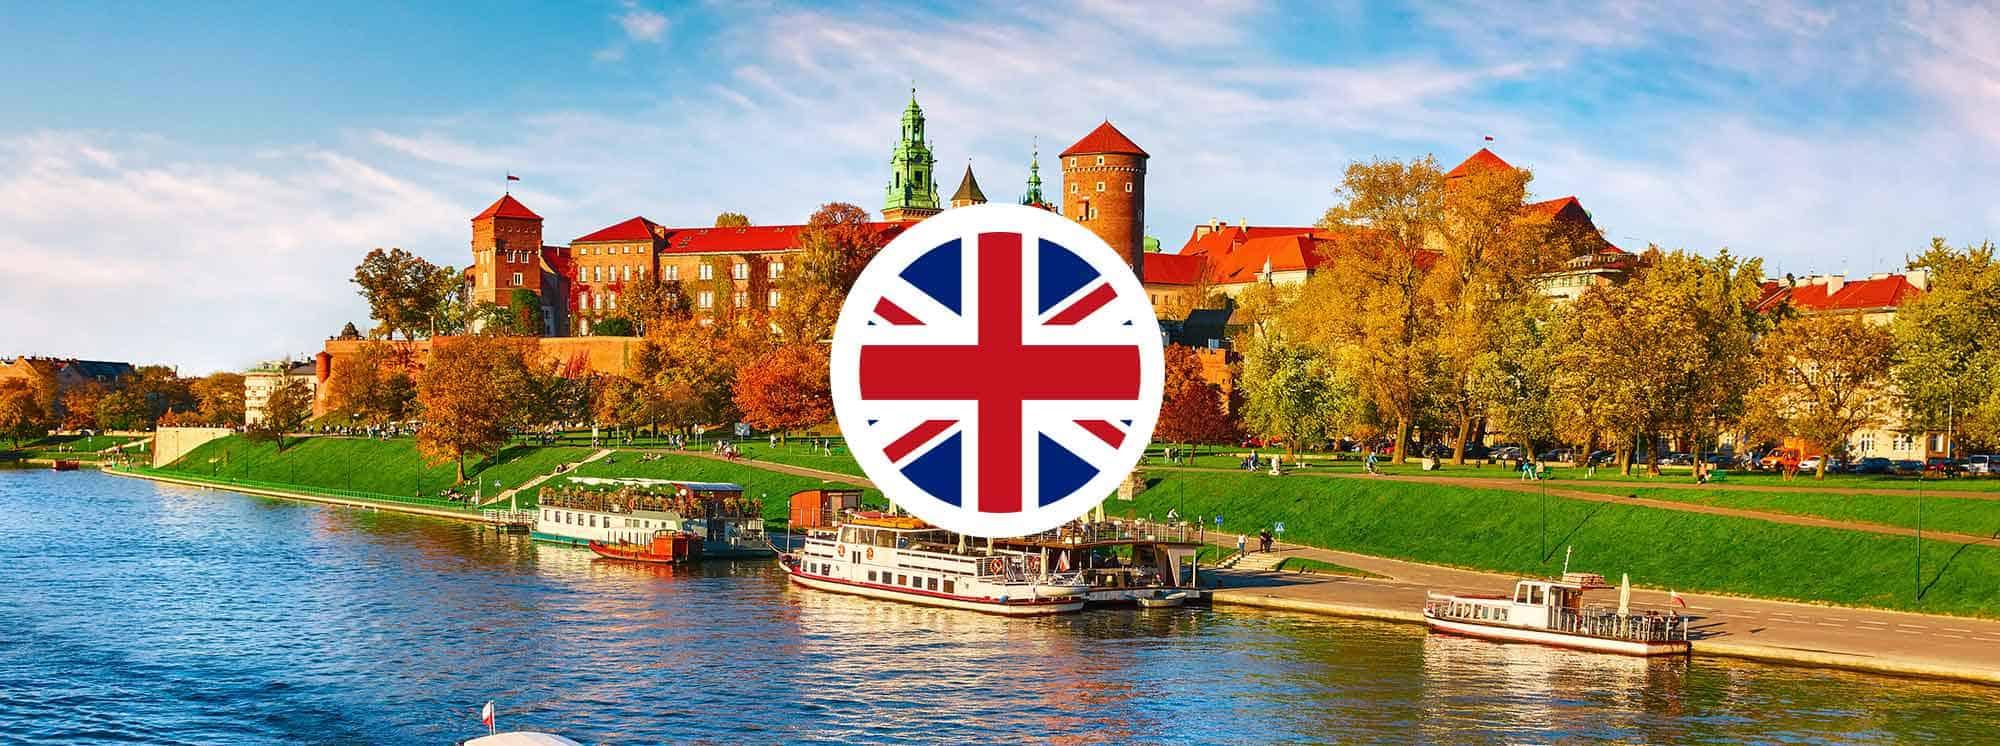 Meilleures écoles britanniques en Pologne